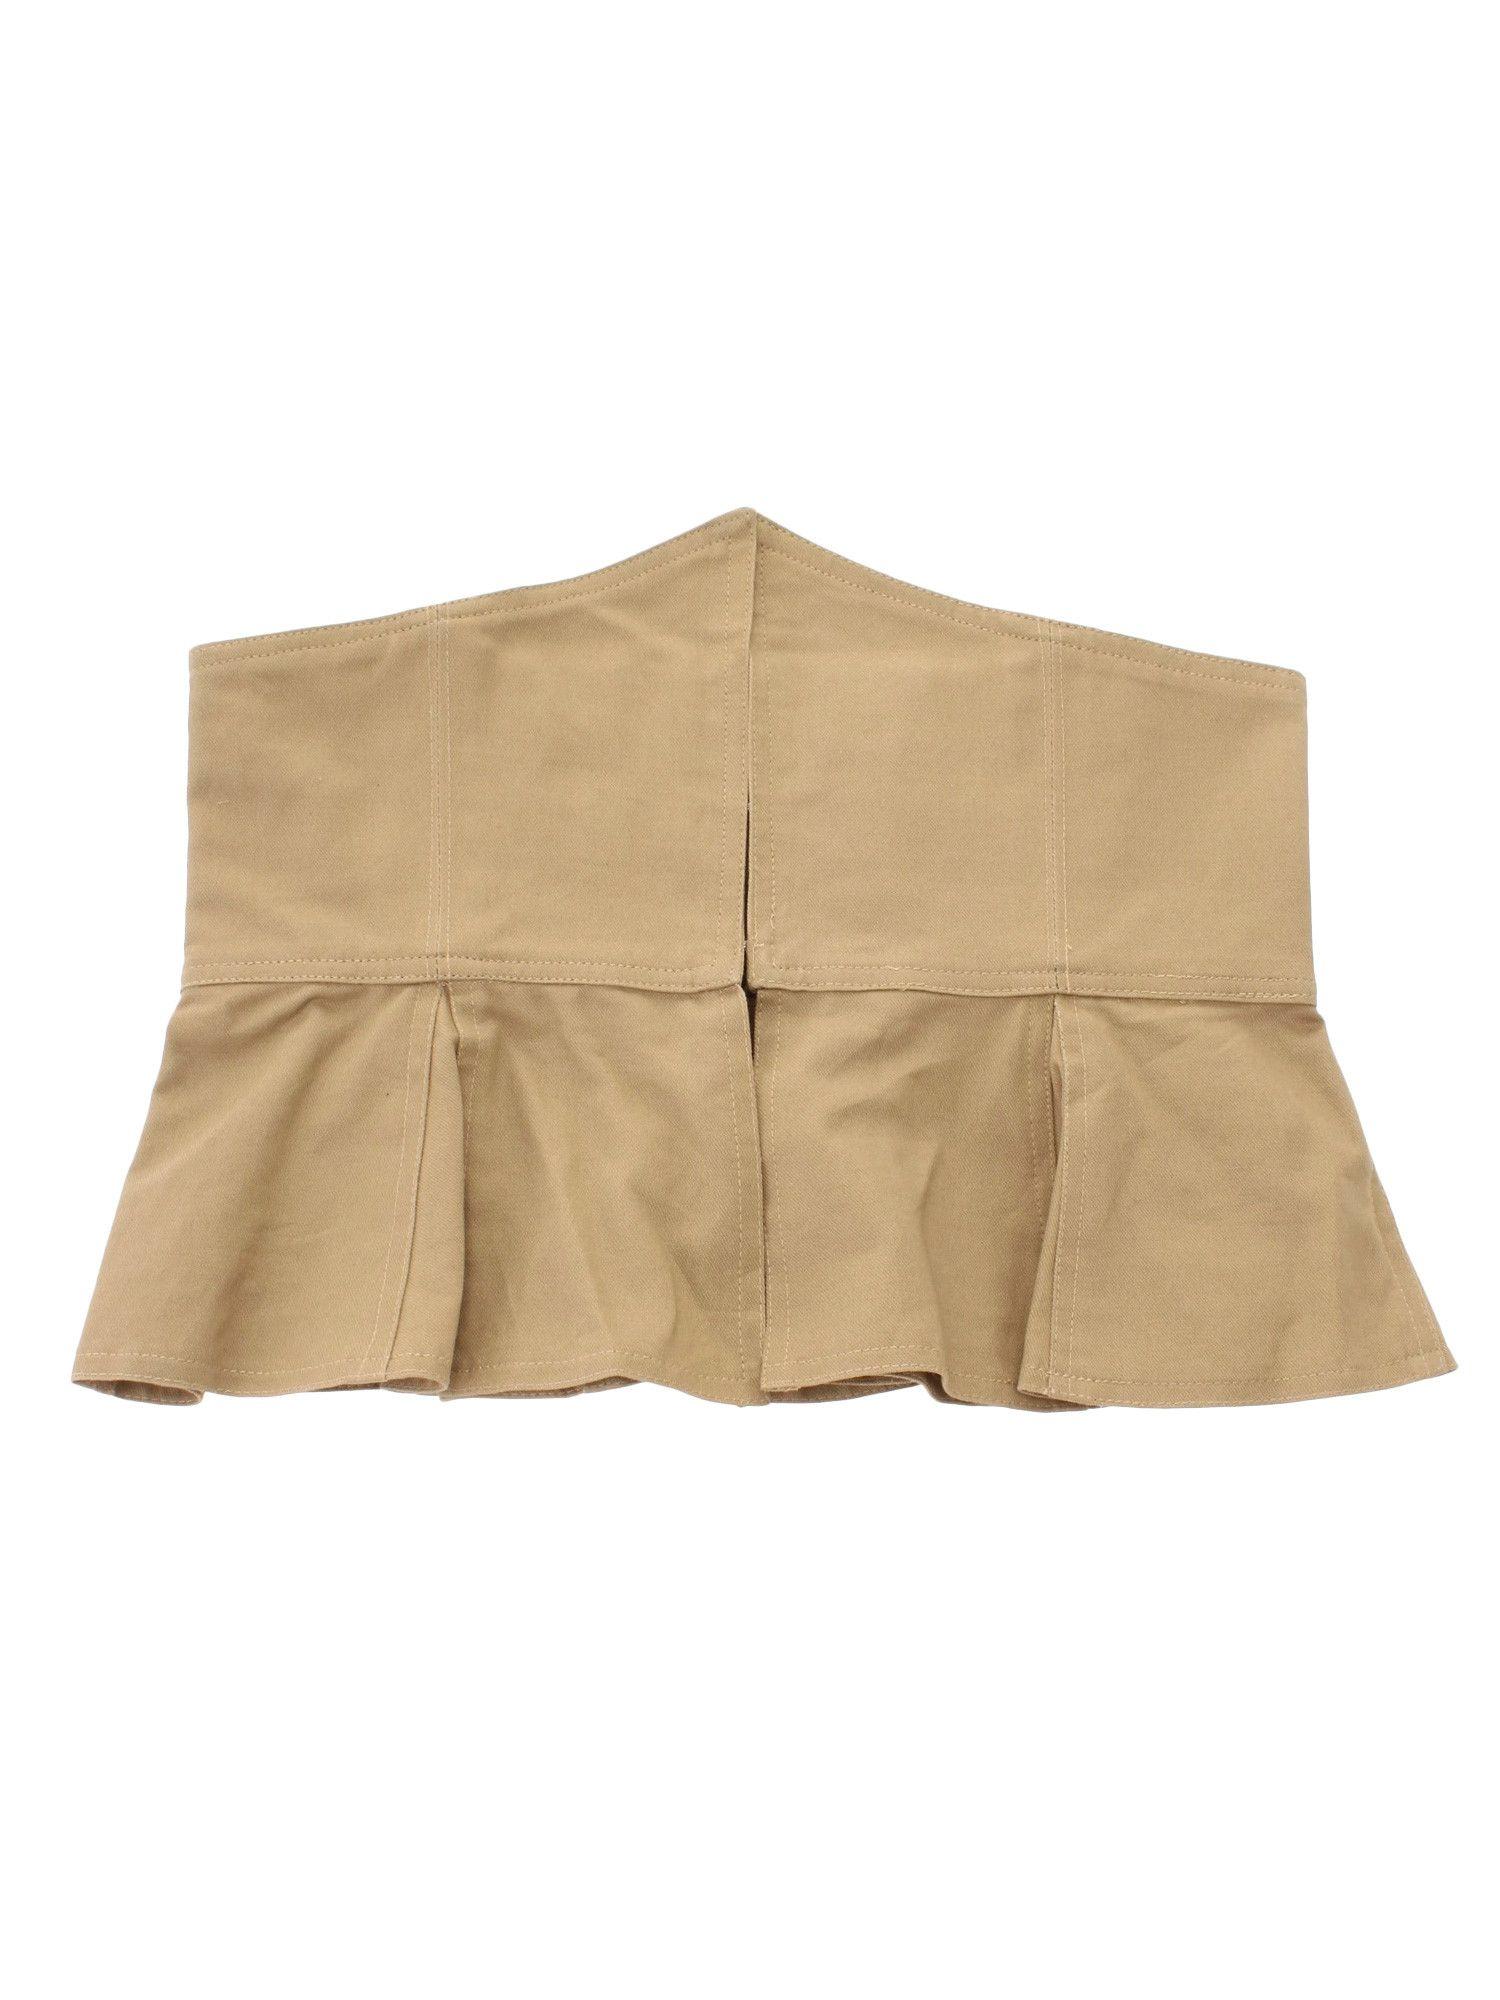 Skirt style belt